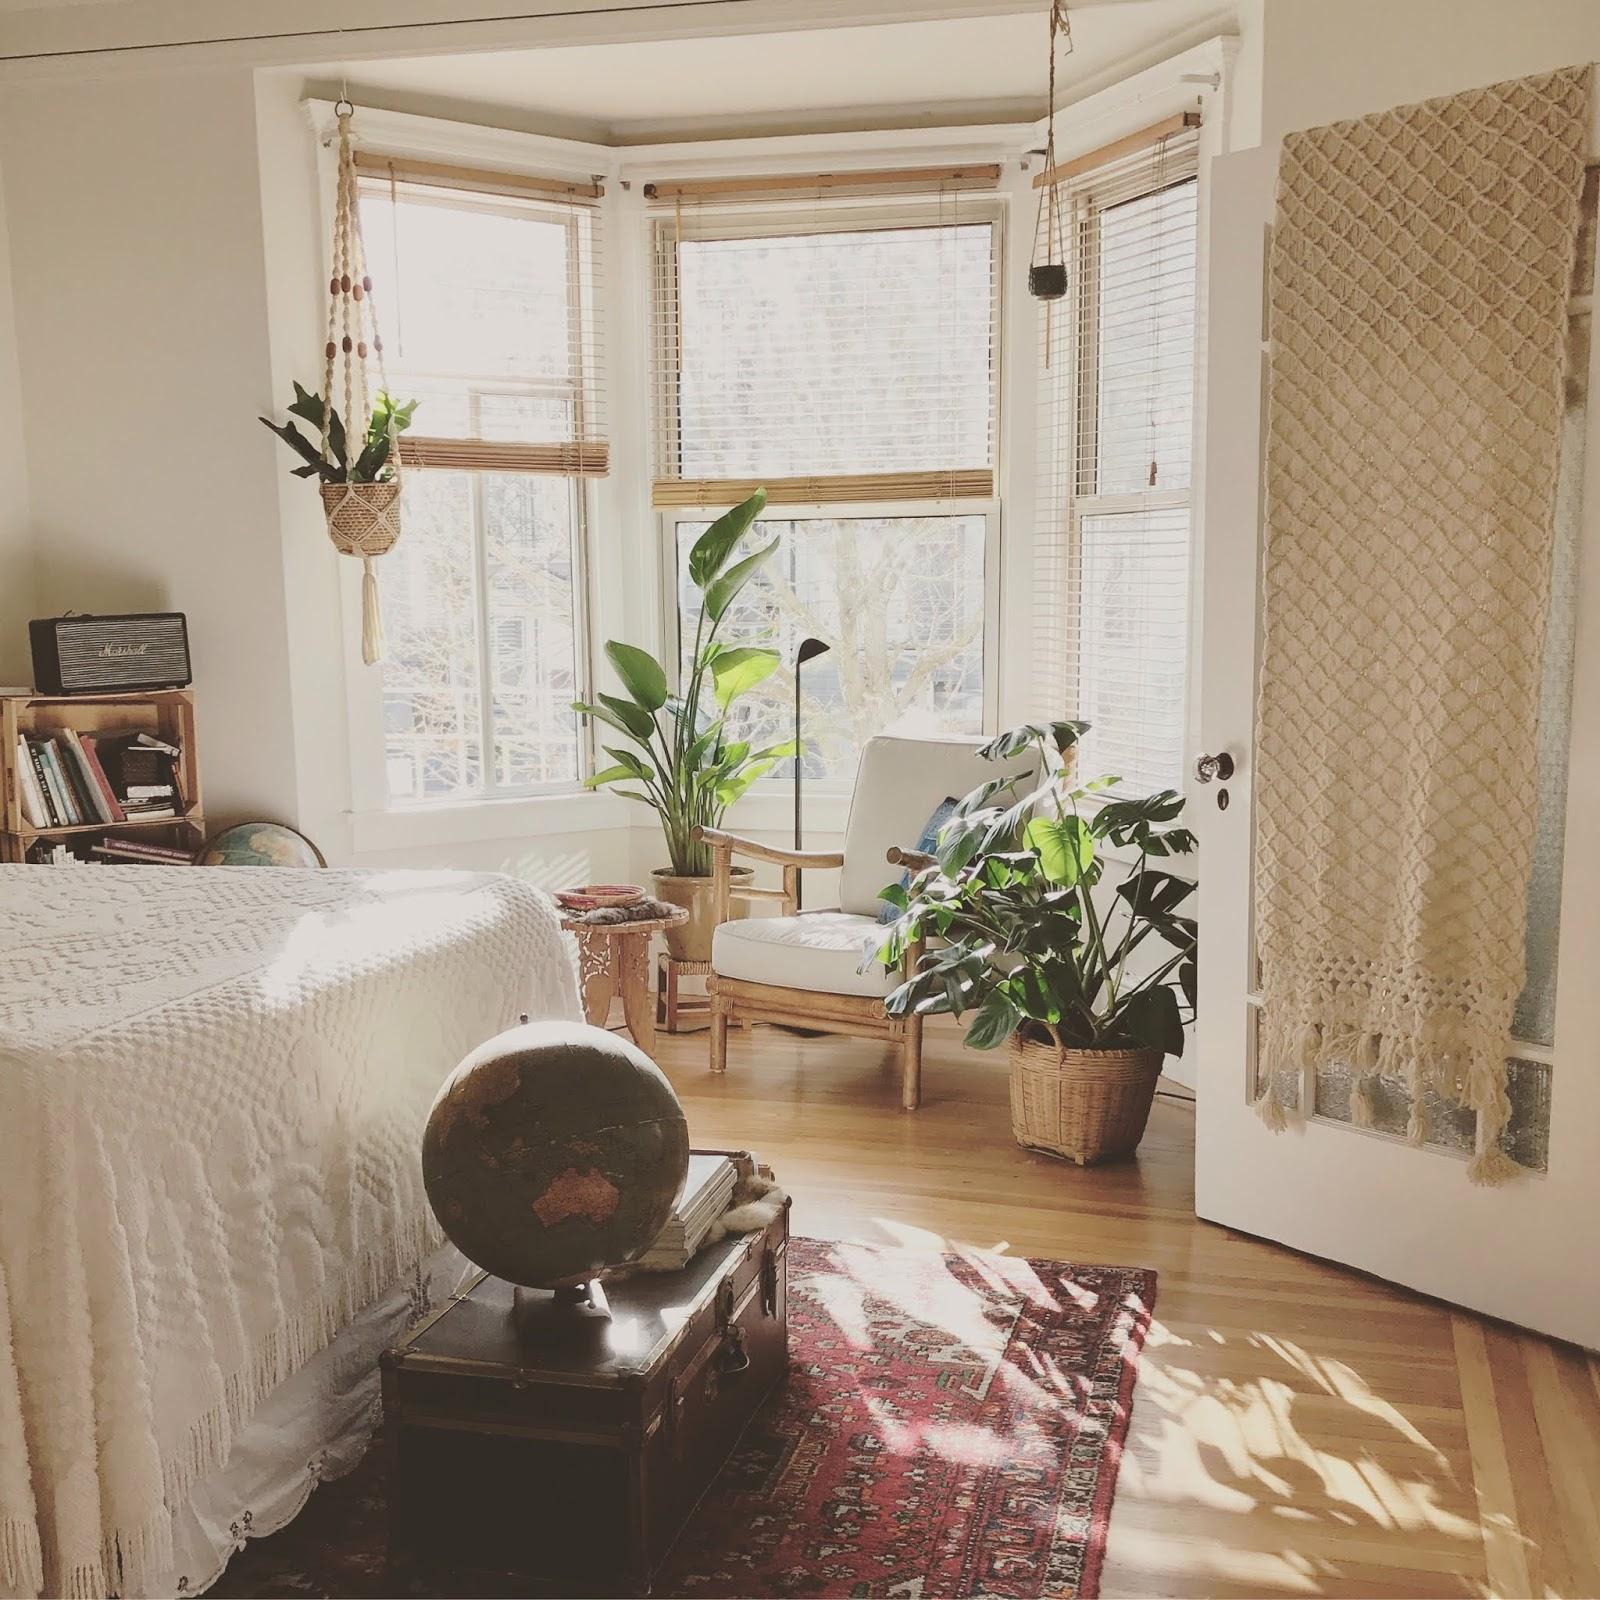 styl w mieszkaniu, jak wybrać odpowiedni styl do wnętrz